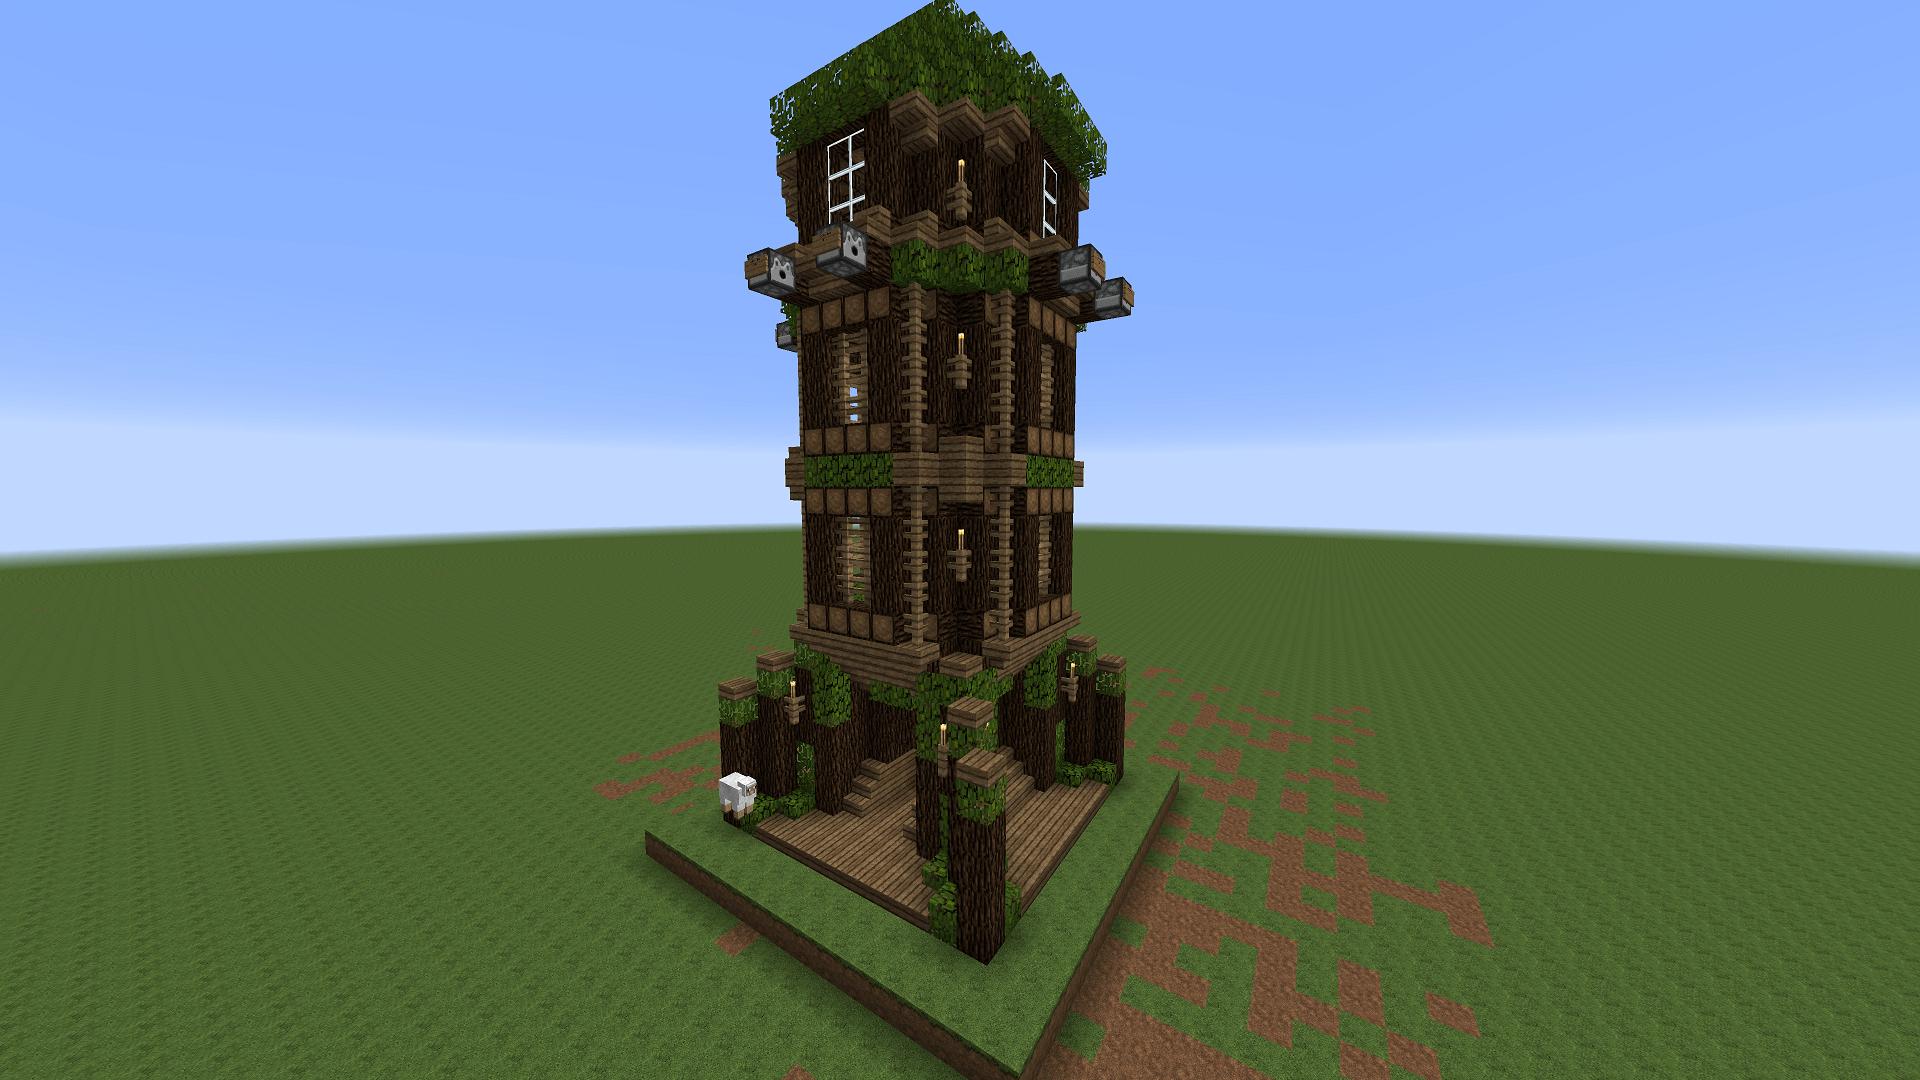 Minecraft Tower Build Tutorial